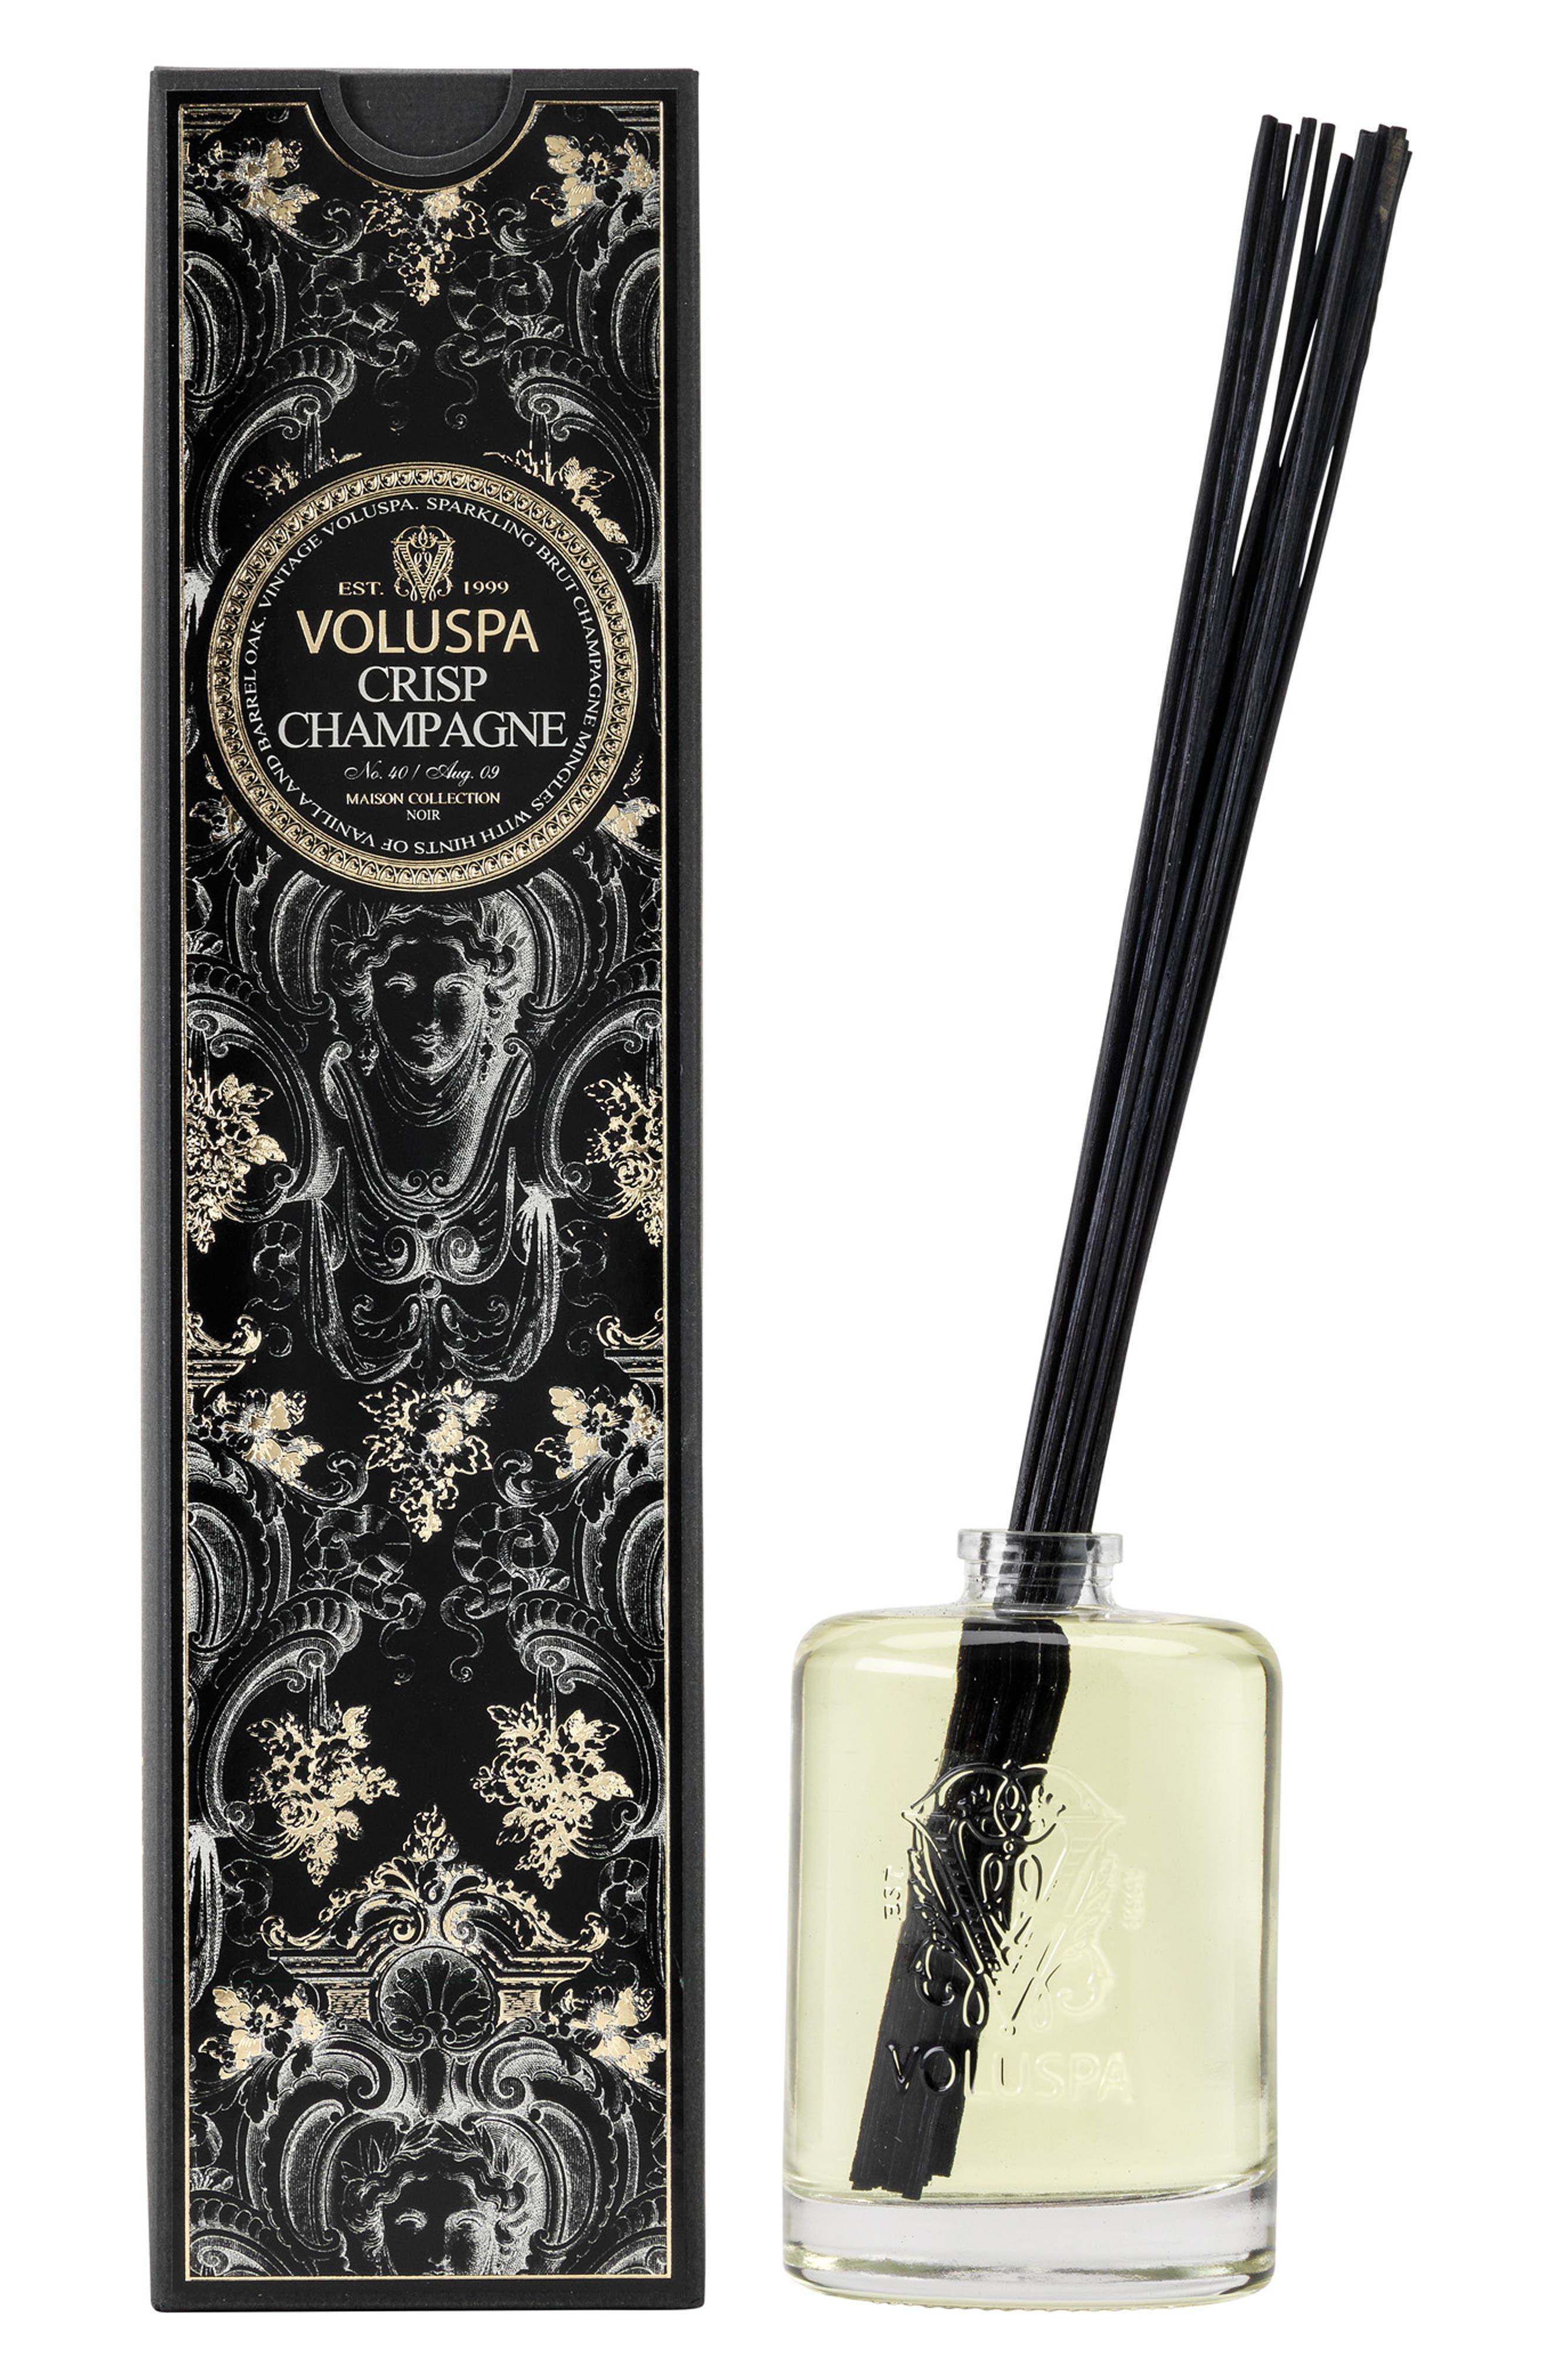 VOLUSPA Maison Noir Crisp Champagne Fragrant Oil Diffuser, Main, color, NO COLOR